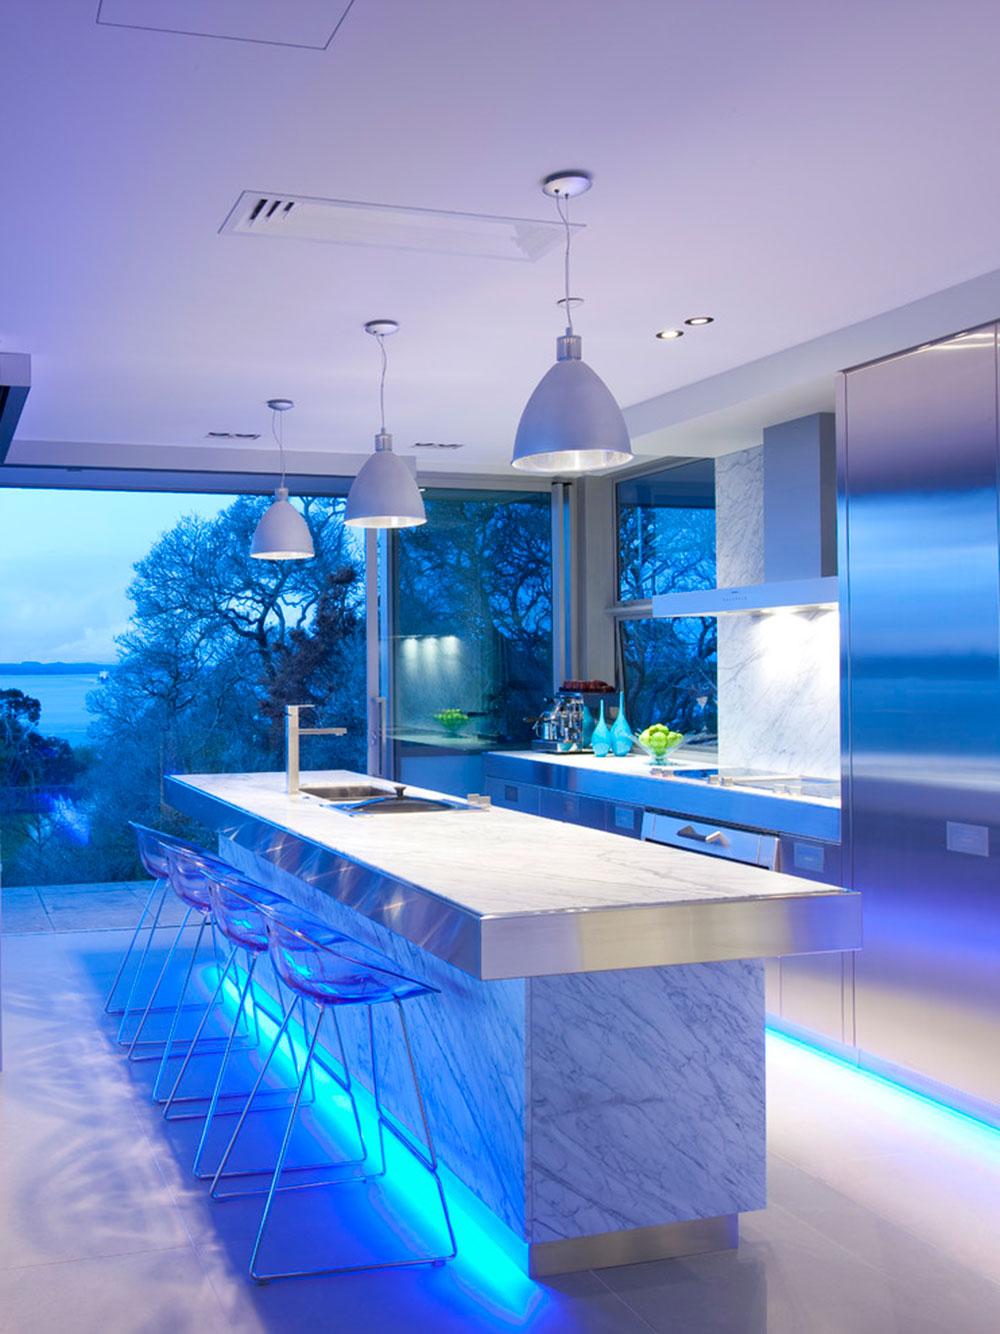 Fördelar med att använda LED-lampor för inomhusbruk 1 Fördelar med att använda LED-lampor för inomhusbruk